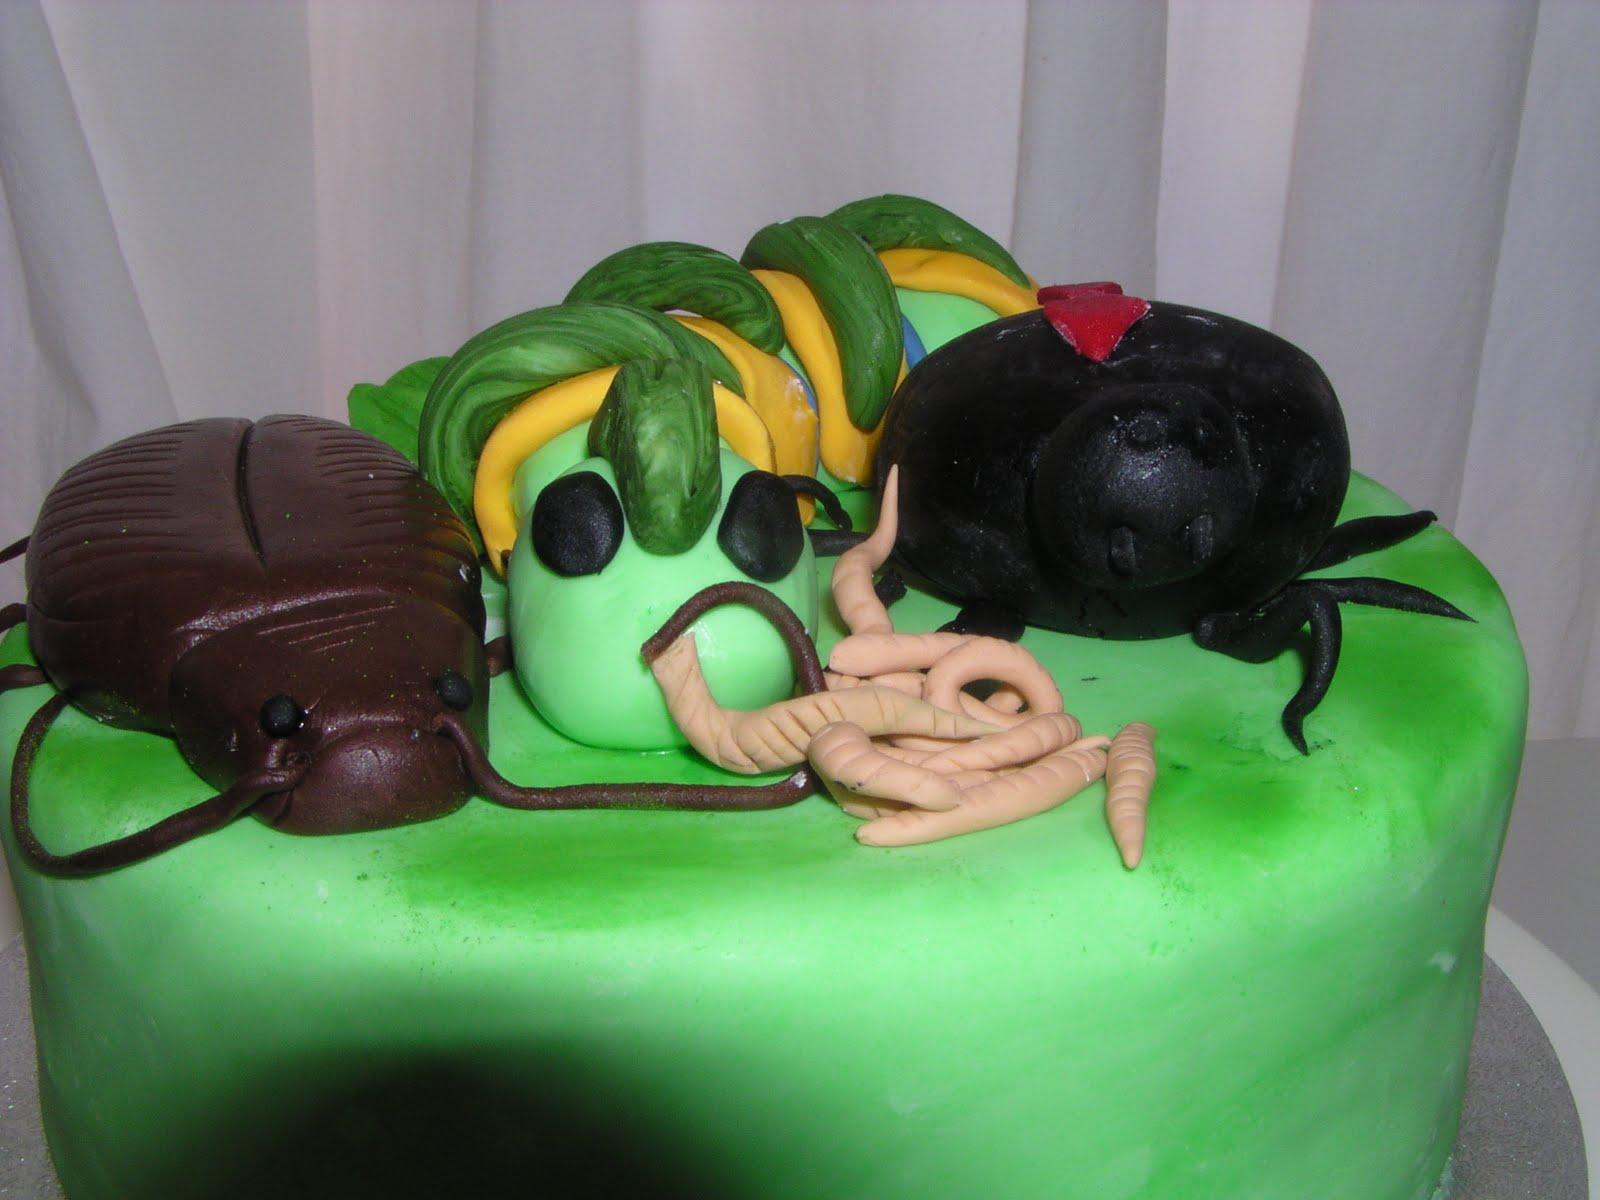 CAKE IT SWEET: Creepy Crawly Cake